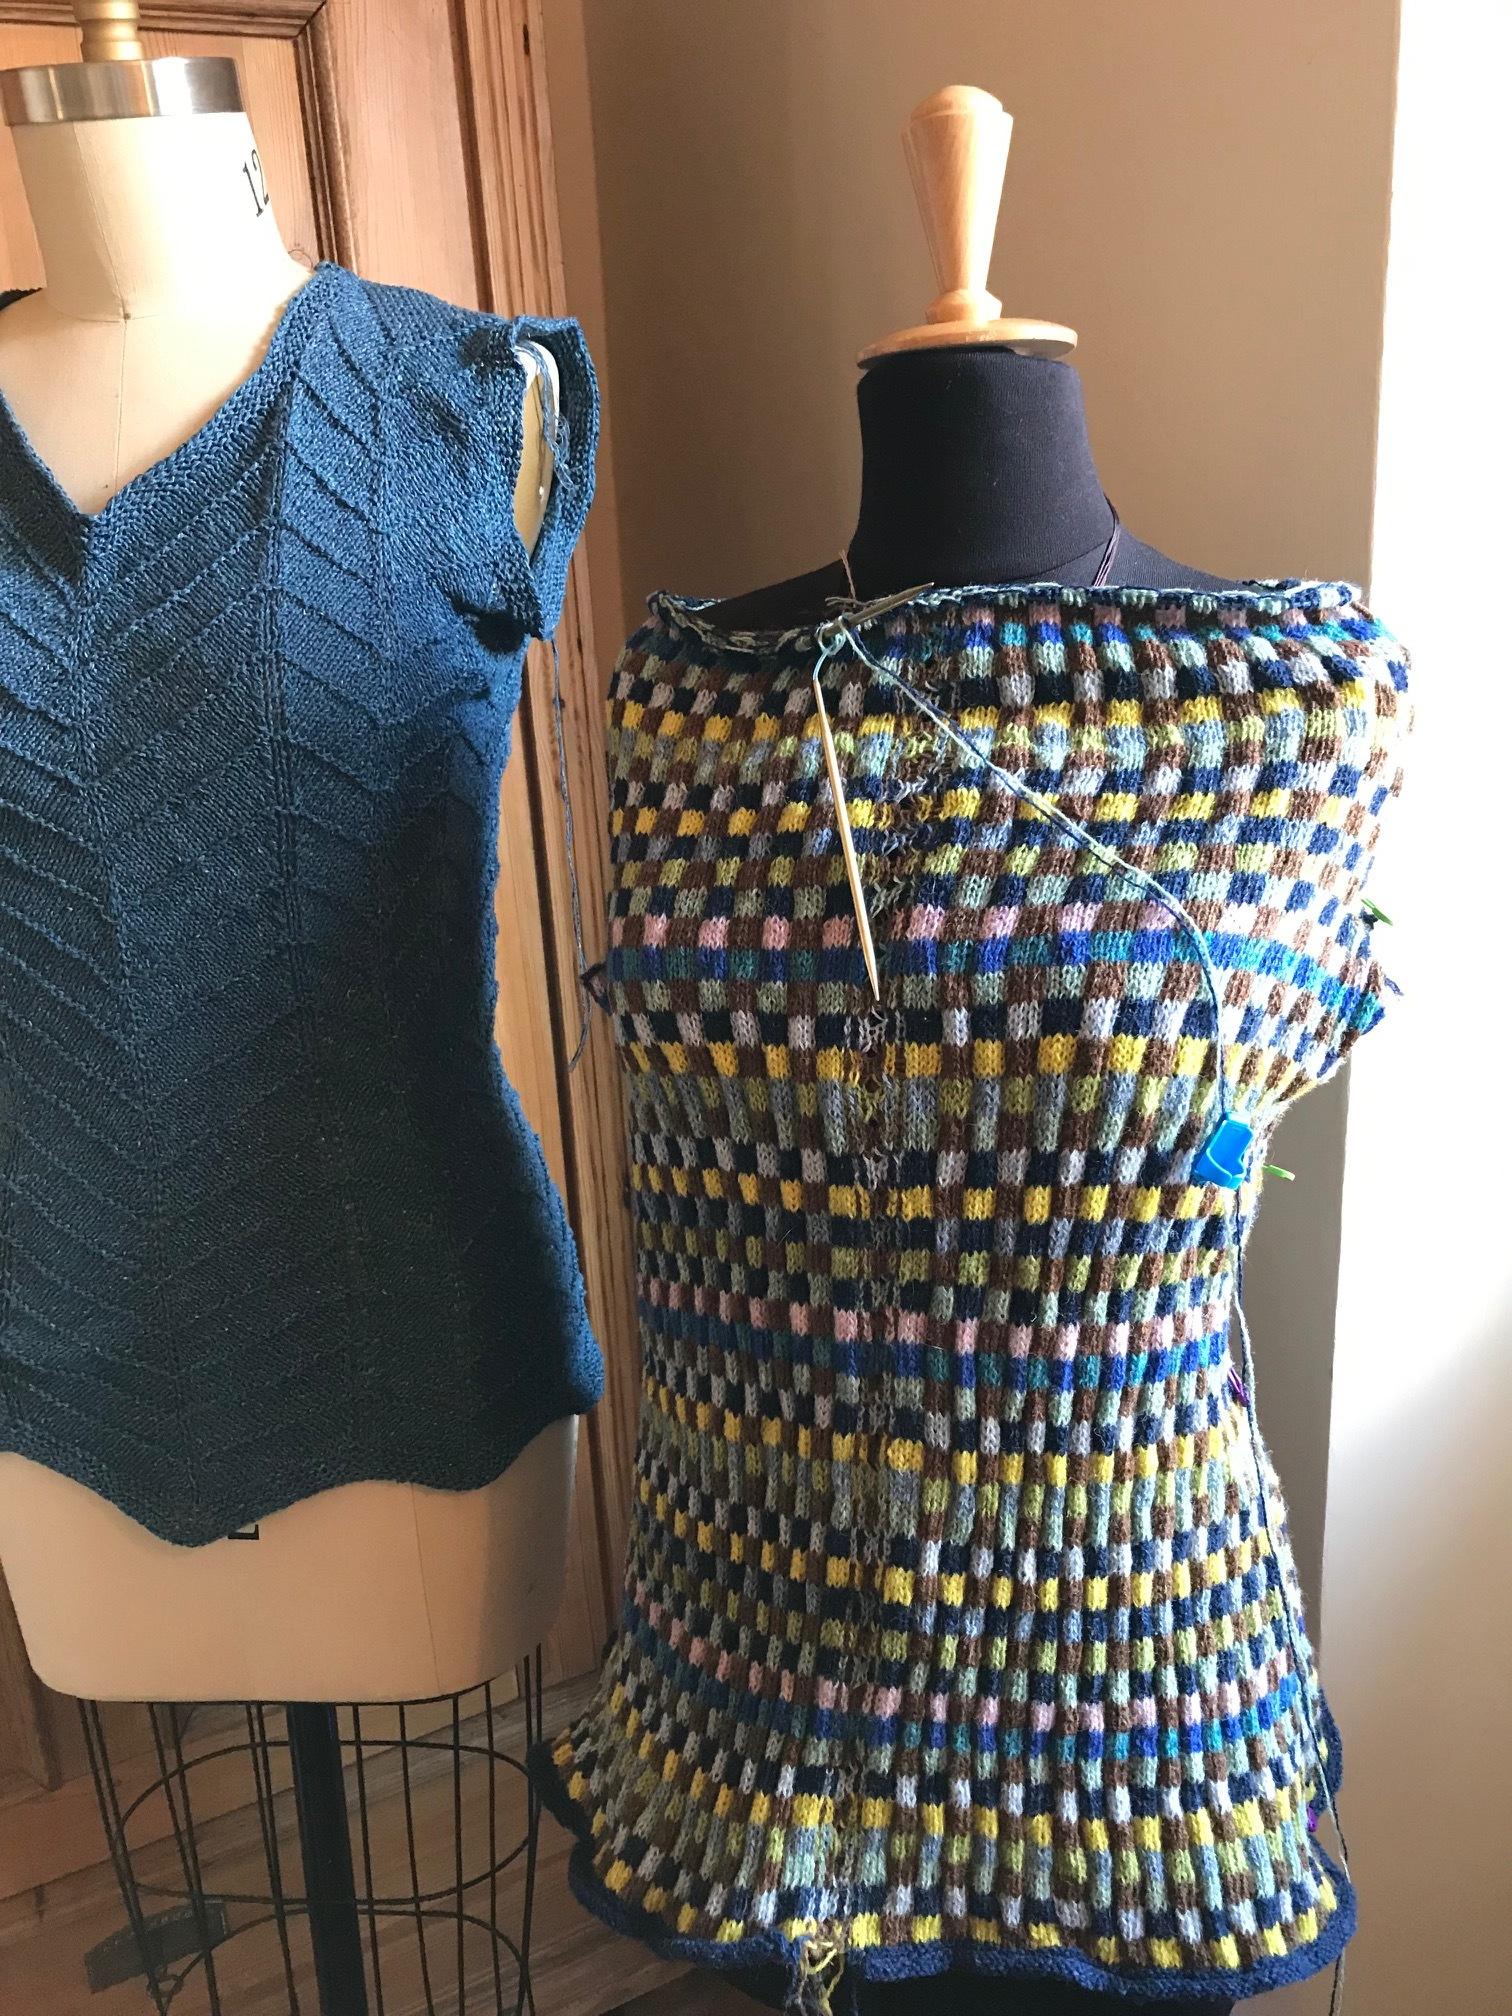 19-02 knitting room 3.jpg